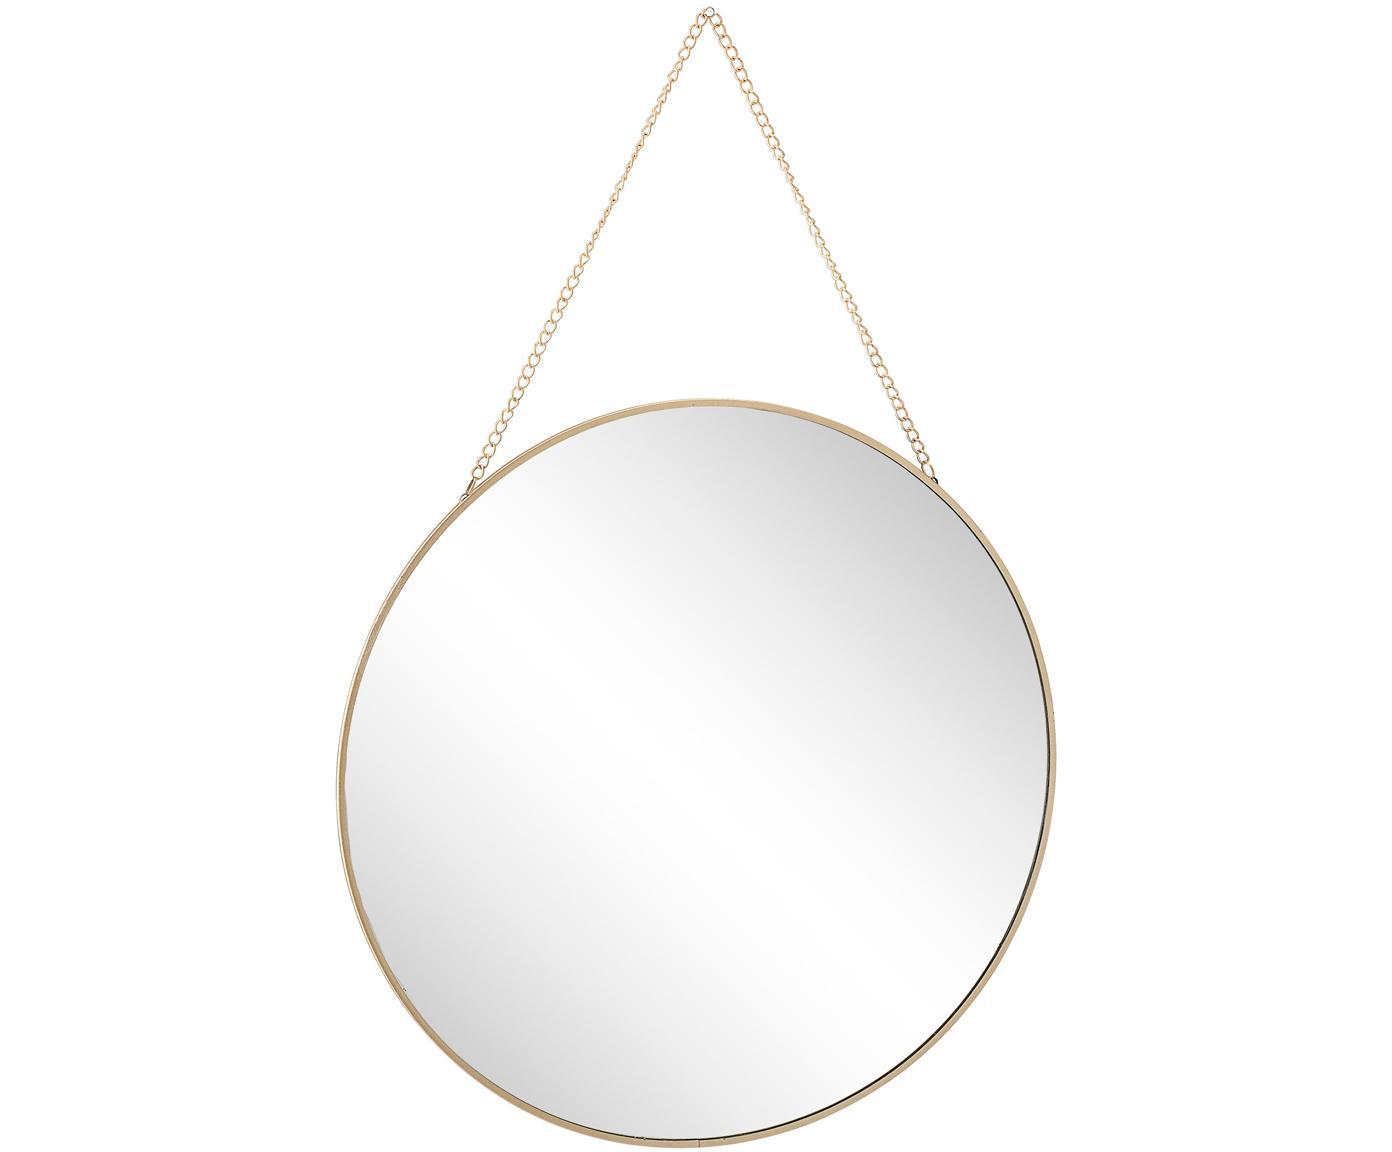 Specchio da parete Lala, Cornice: metallo rivestito, Superficie dello specchio: lastra di vetro, Ottonato, Ø 38 cm